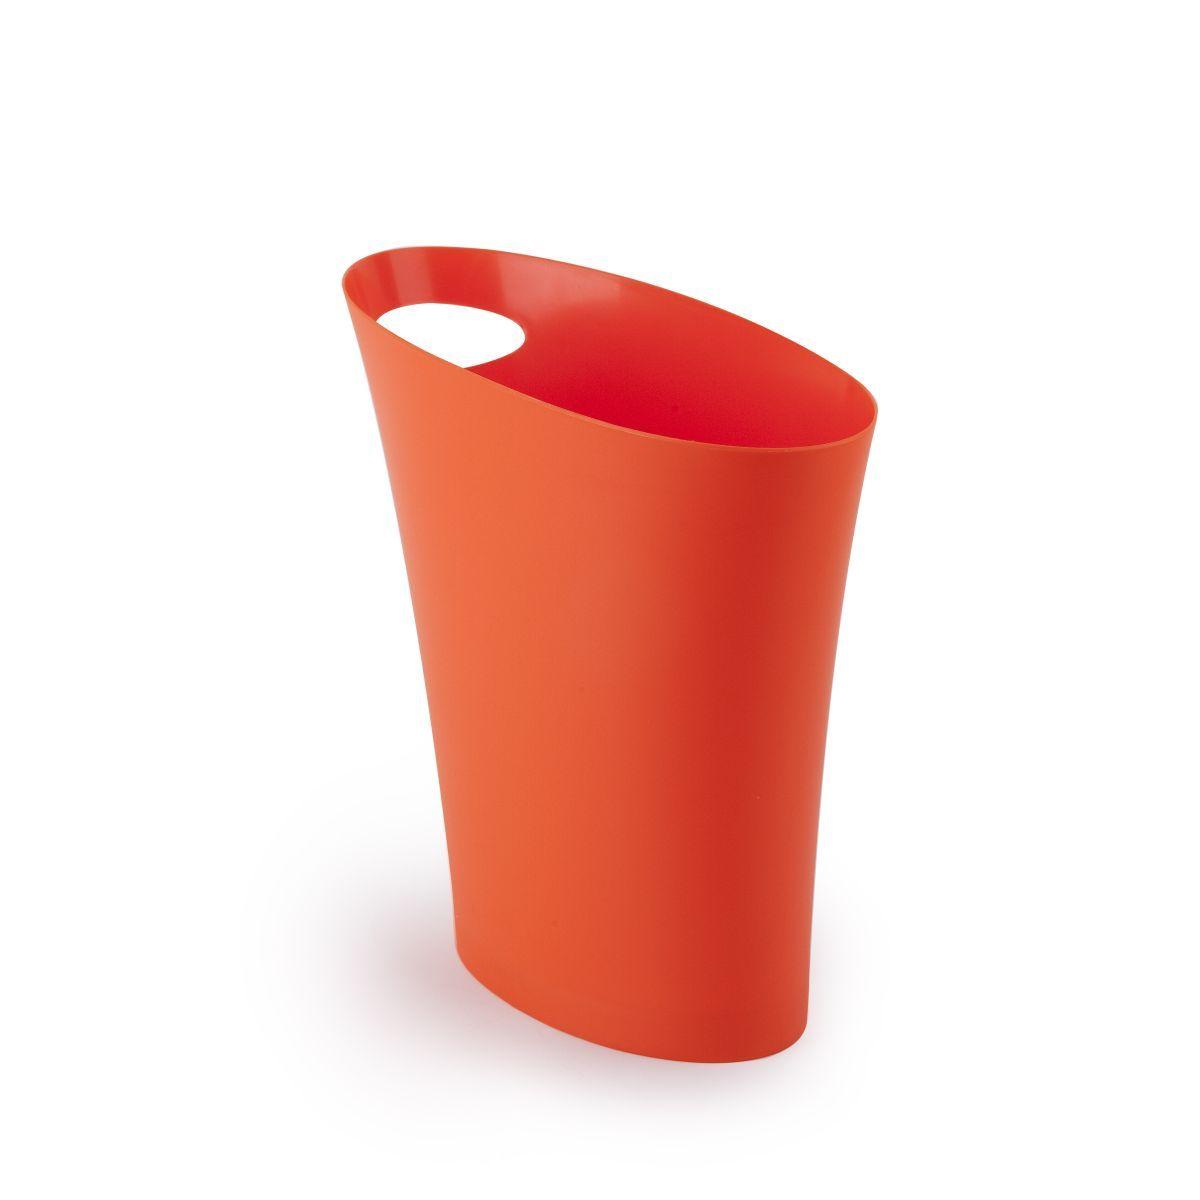 Контейнер мусорный Skinny оранжевый082610-460Очередное изобретение Карима Рашида, одного из самых известных промышленных дизайнеров. Оригинальный замысел и функциональный подход обеспечены! Привычные мусорные корзины в виде старых ведер из-под краски или ненужных коробок давно в прошлом. Каждый элемент в современном доме должен иметь определенный смысл, быть креативным и удобным. Вплоть до мусорного ведра. Несмотря на кажущийся миниатюрный размер, ведро вмещает до 7,5 литров, а ручка в виде отверстия на верхней части ведра удобна при переноске. Материал: полипропилен; цвет: оранж